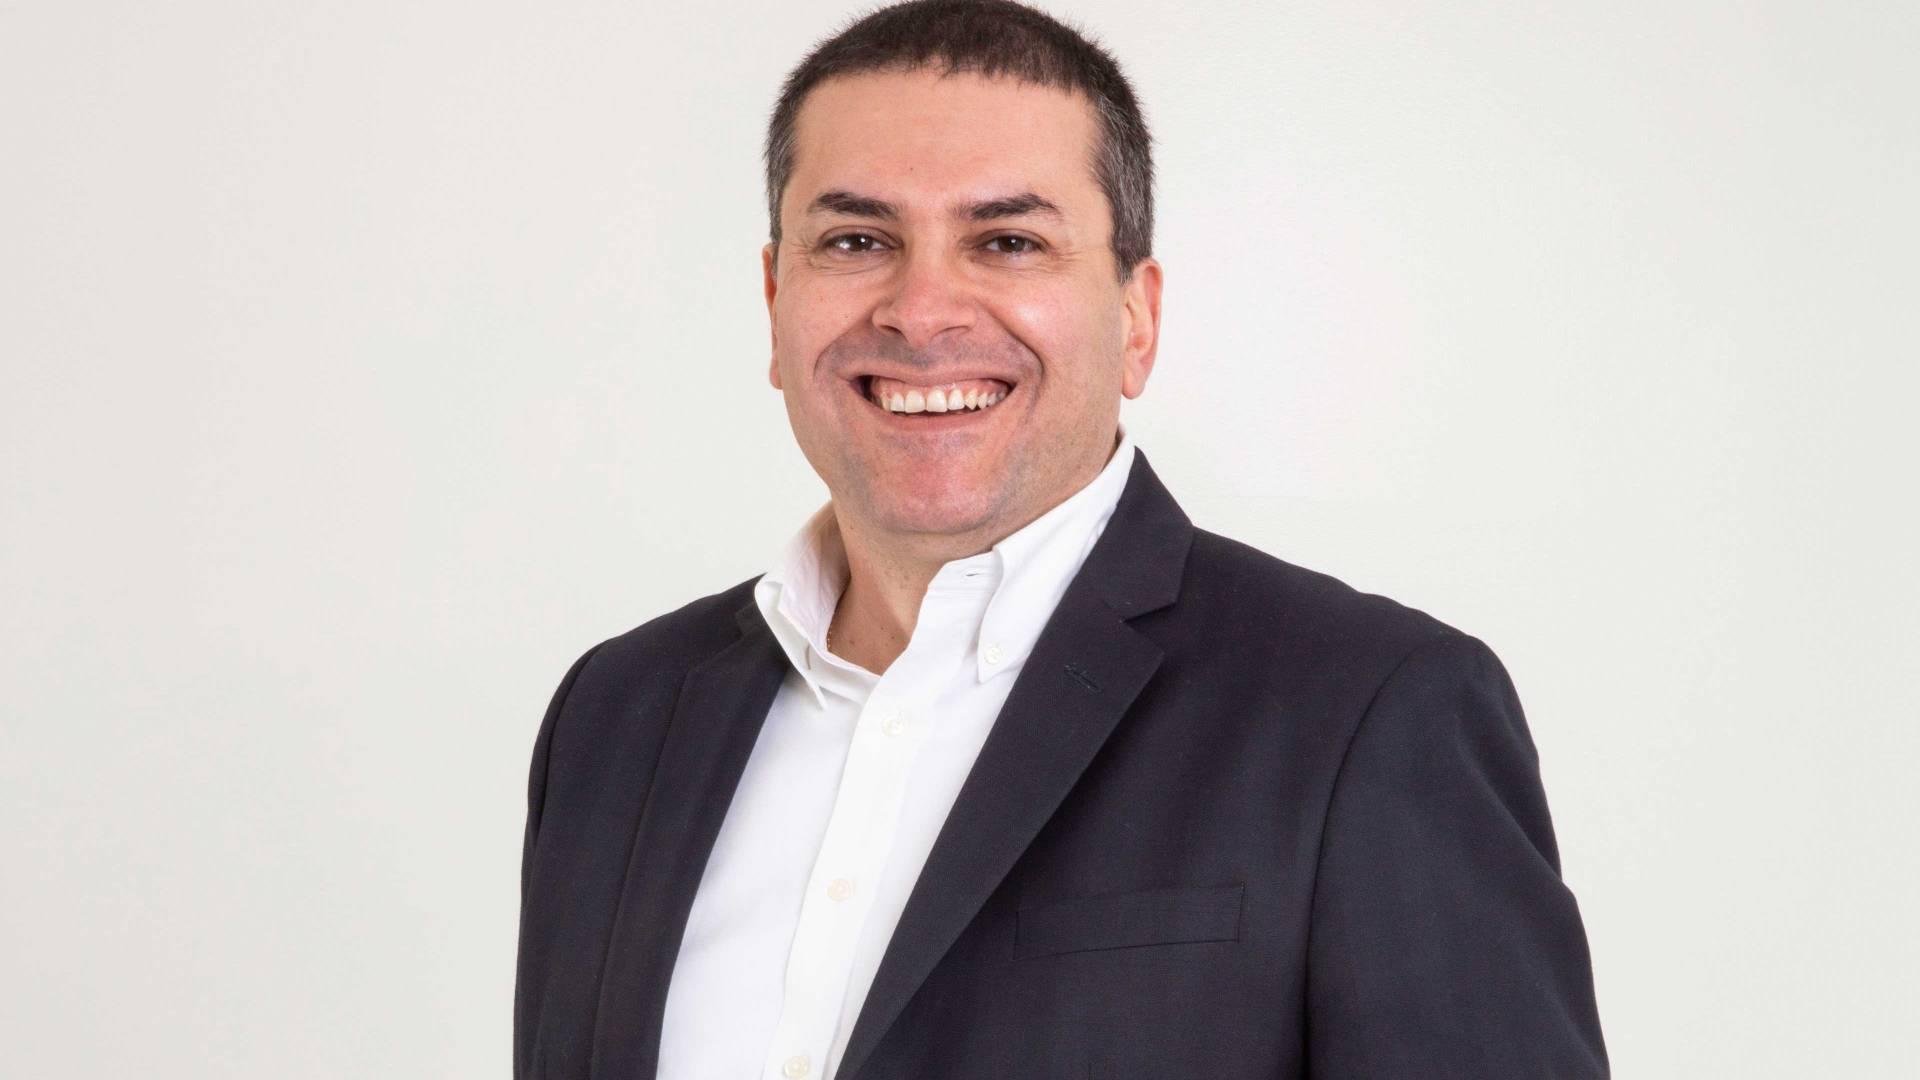 Marcelo Pimentel, CEO da Marisa, gosta de ser transparente